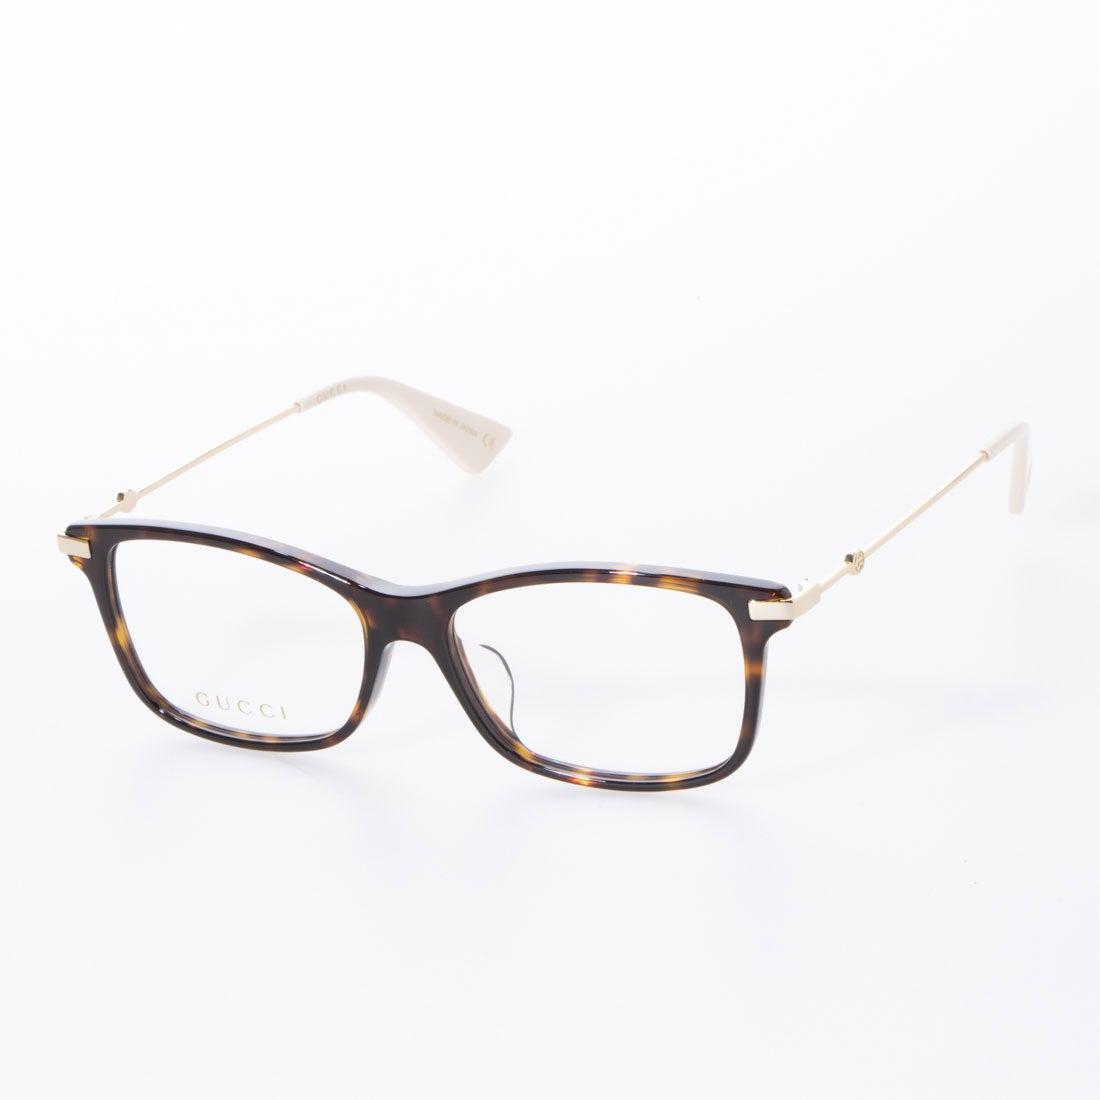 グッチ GUCCI メガネ 眼鏡 アイウェア レディース メンズ (デミブラウン/ゴールド)